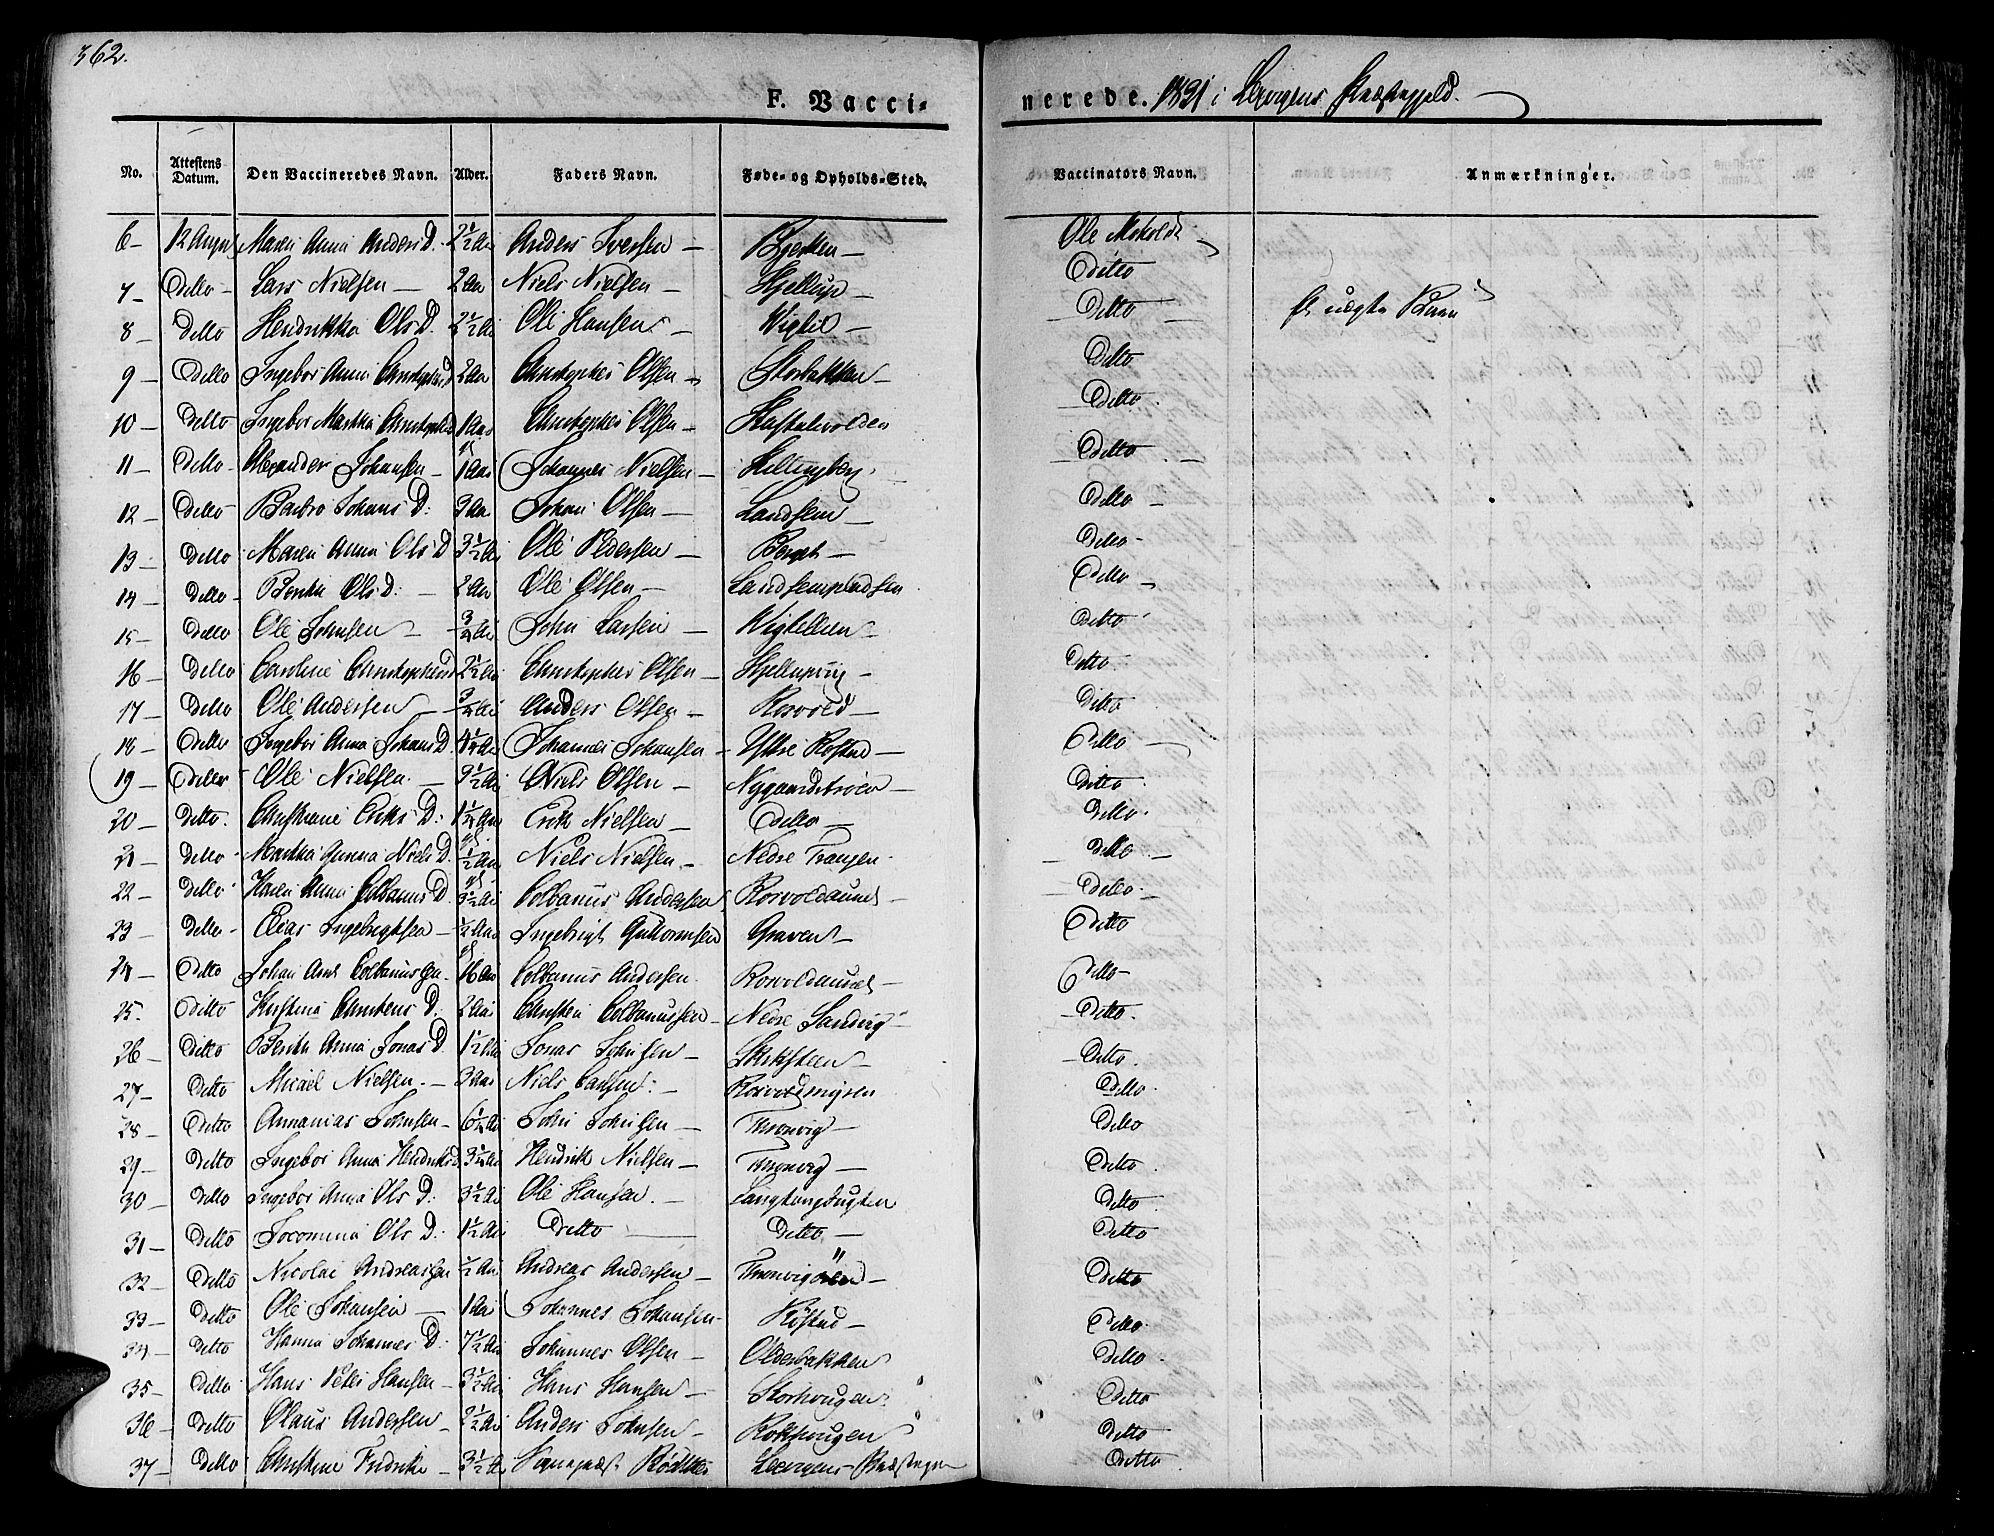 SAT, Ministerialprotokoller, klokkerbøker og fødselsregistre - Nord-Trøndelag, 701/L0006: Ministerialbok nr. 701A06, 1825-1841, s. 362